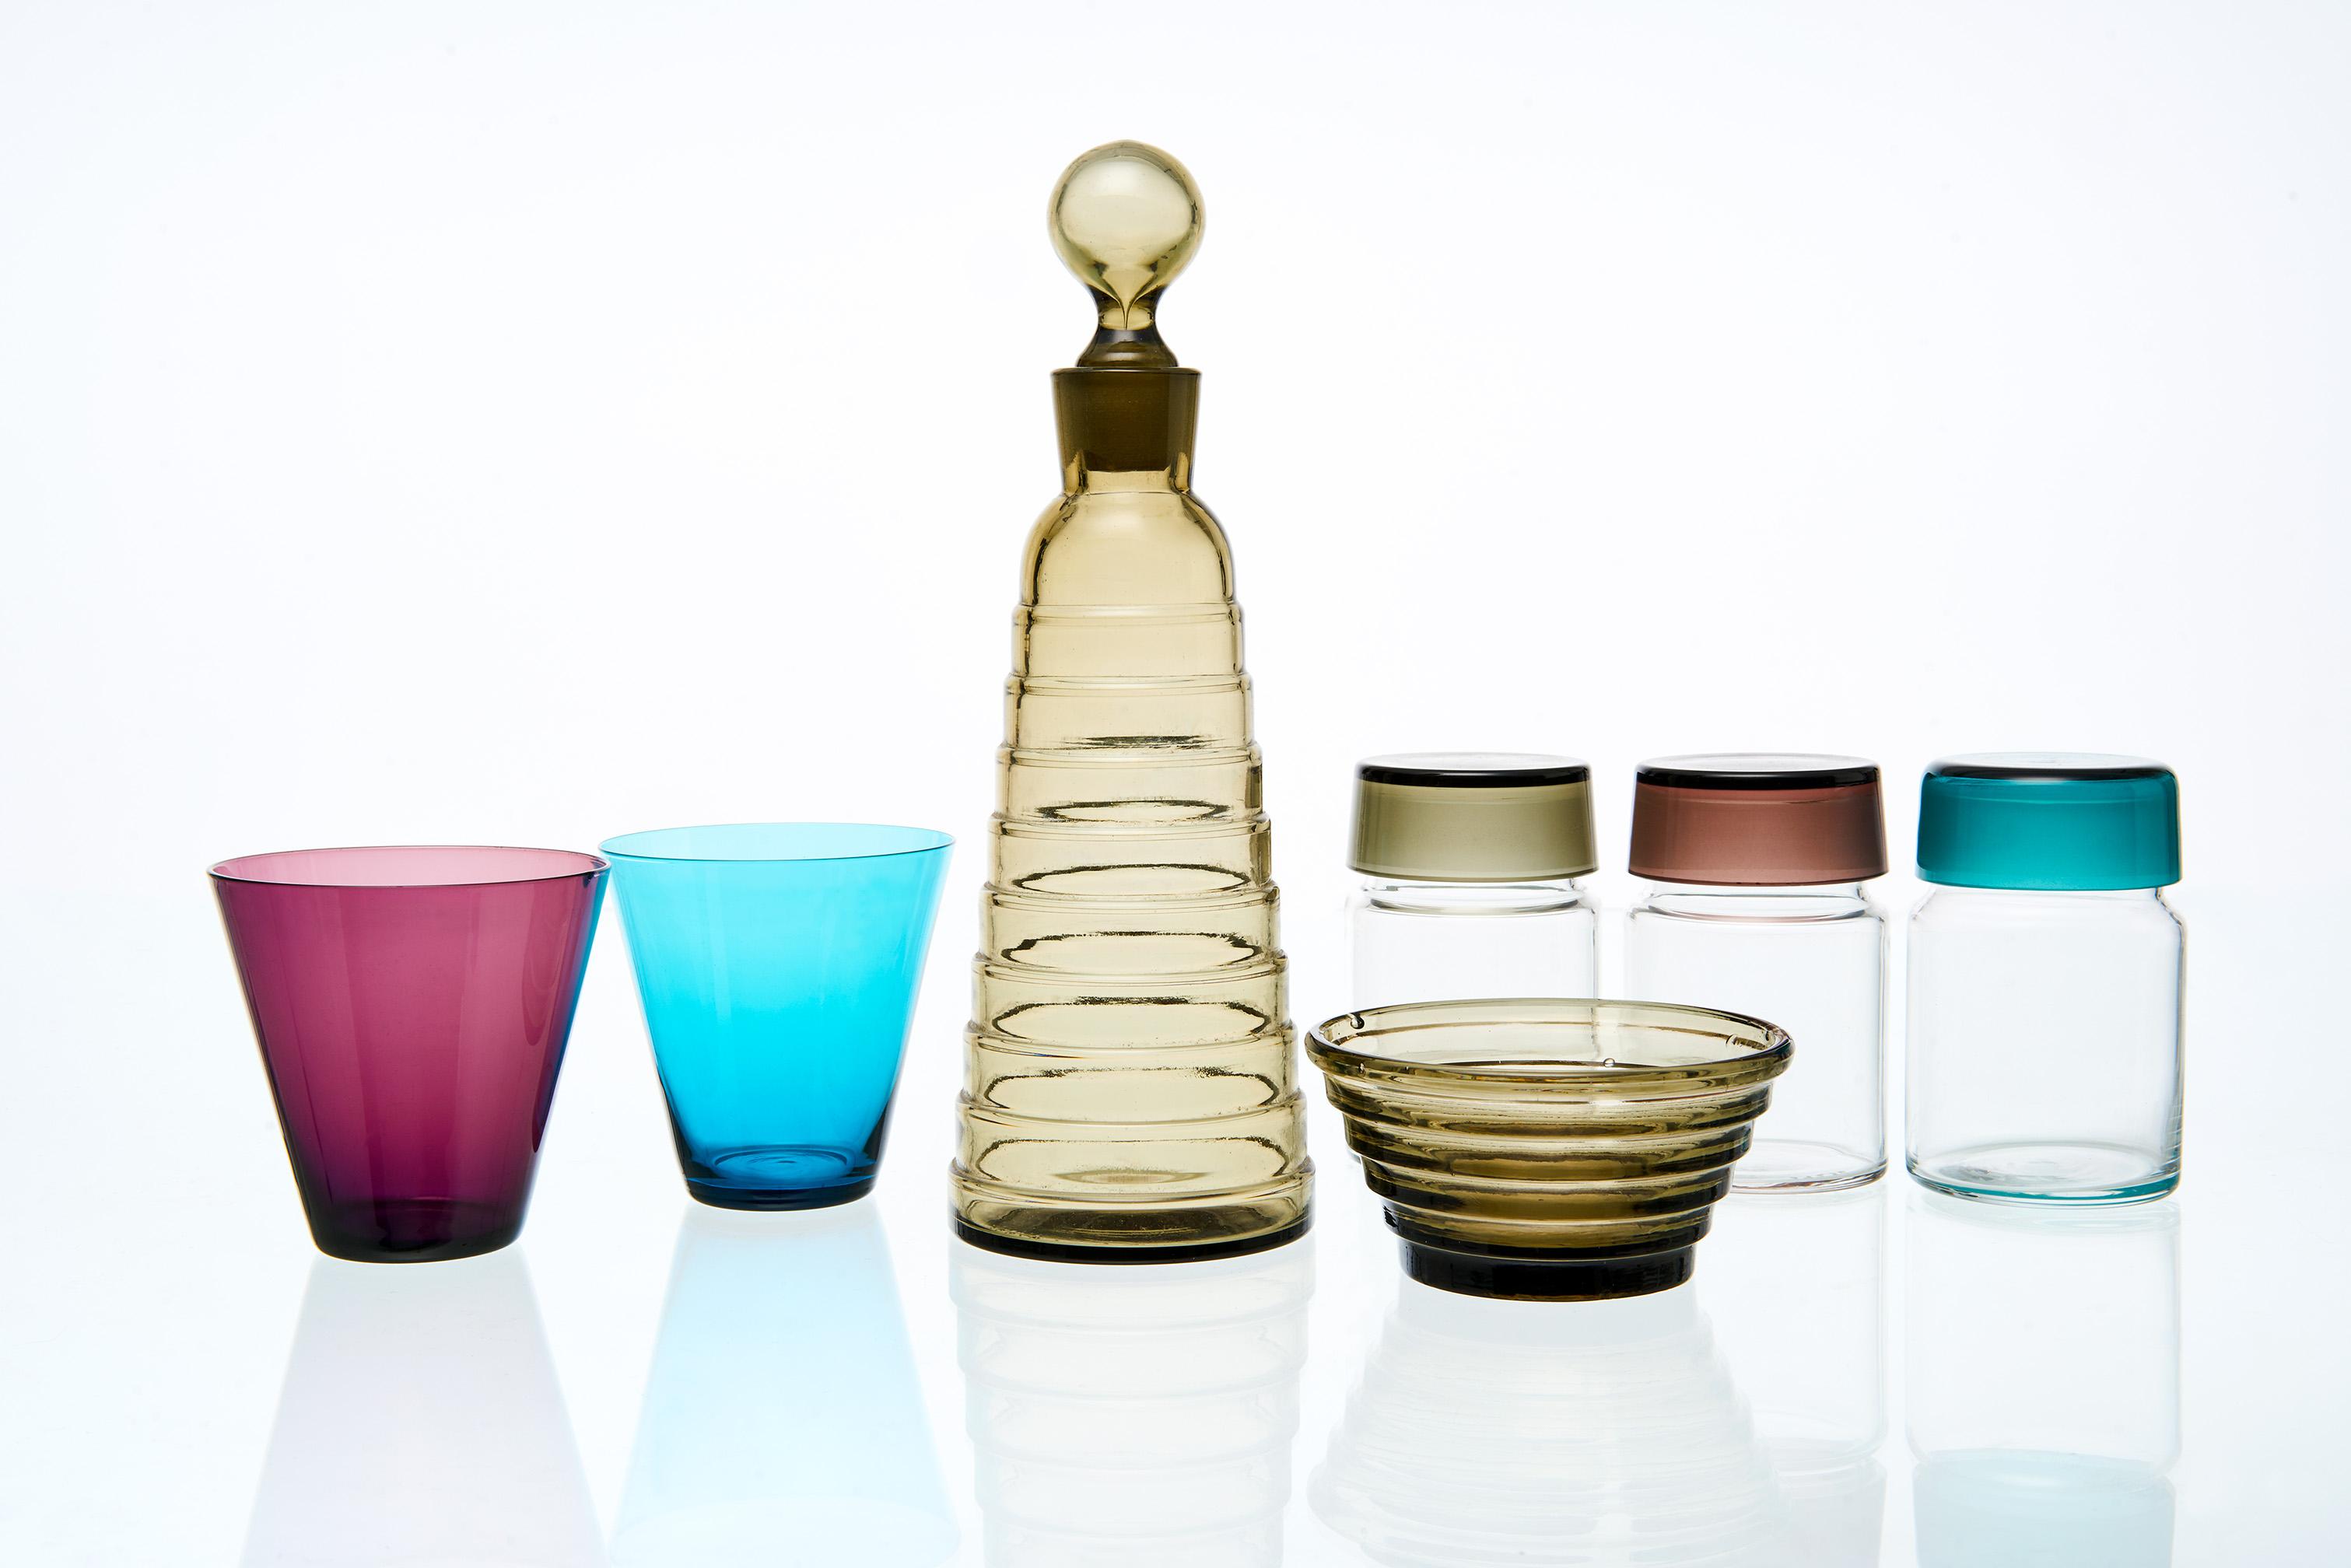 Kaj Franck glassware